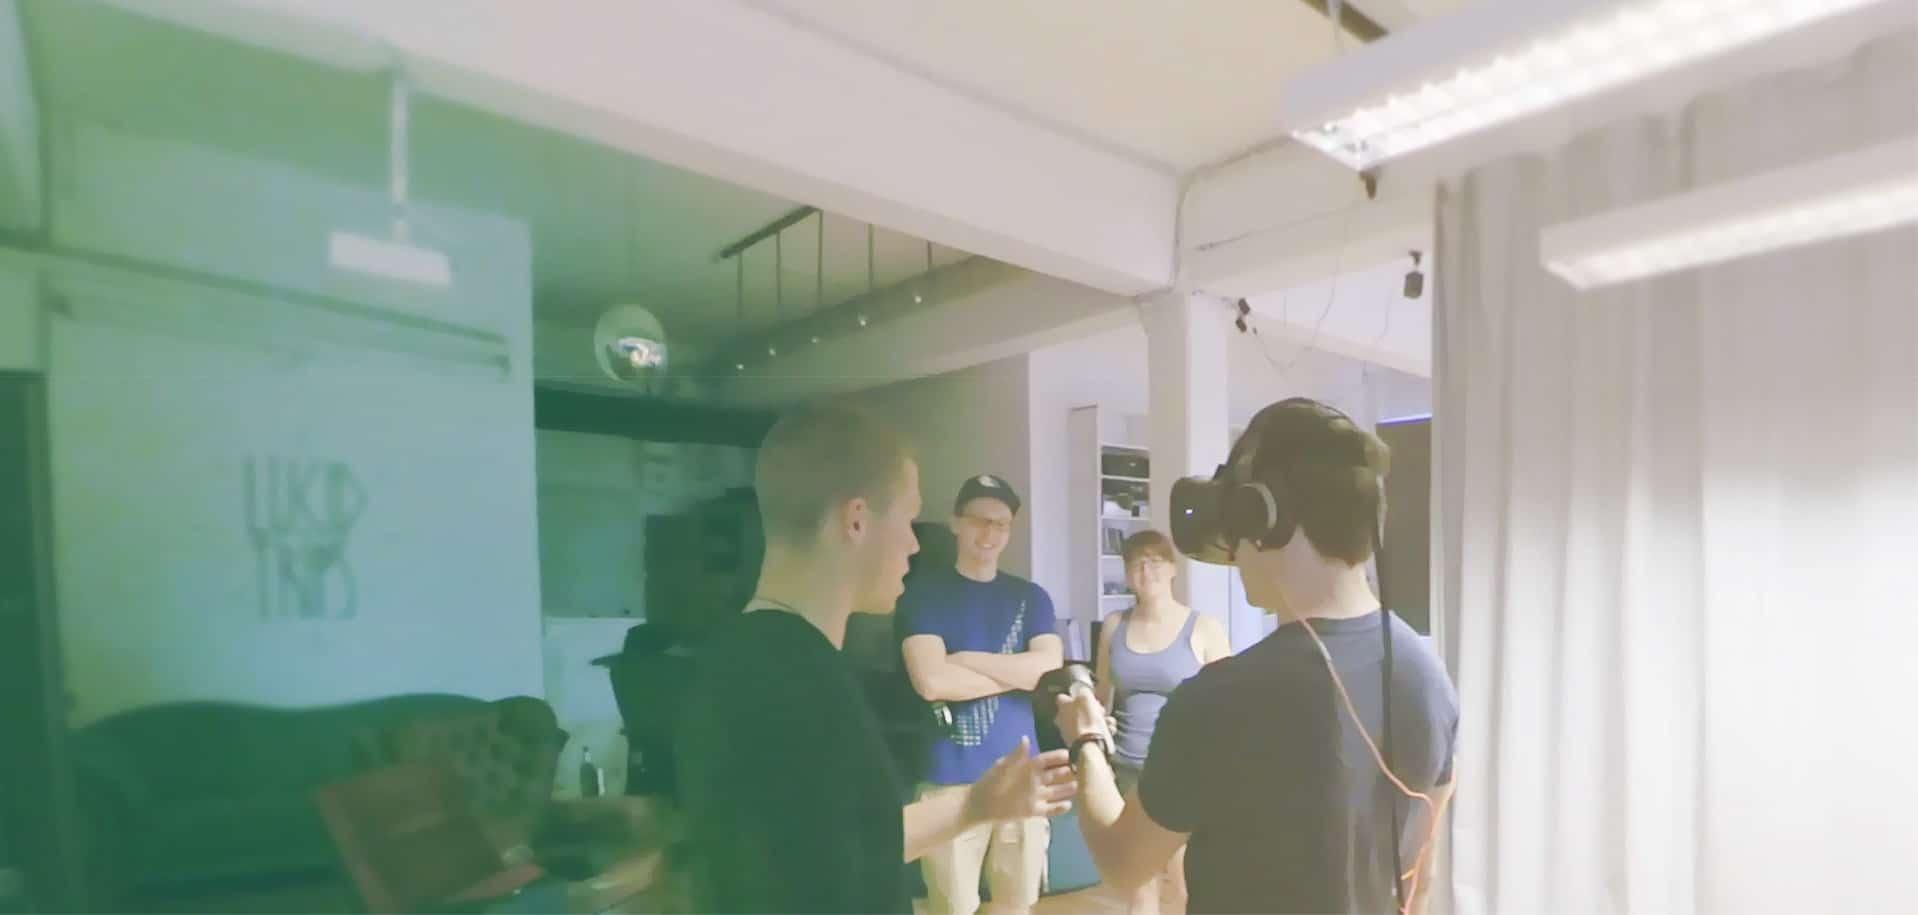 Auch die Leute von den VR Nerds bieten ihre Räumlichkeiten an. (Foto: NearbyVR)